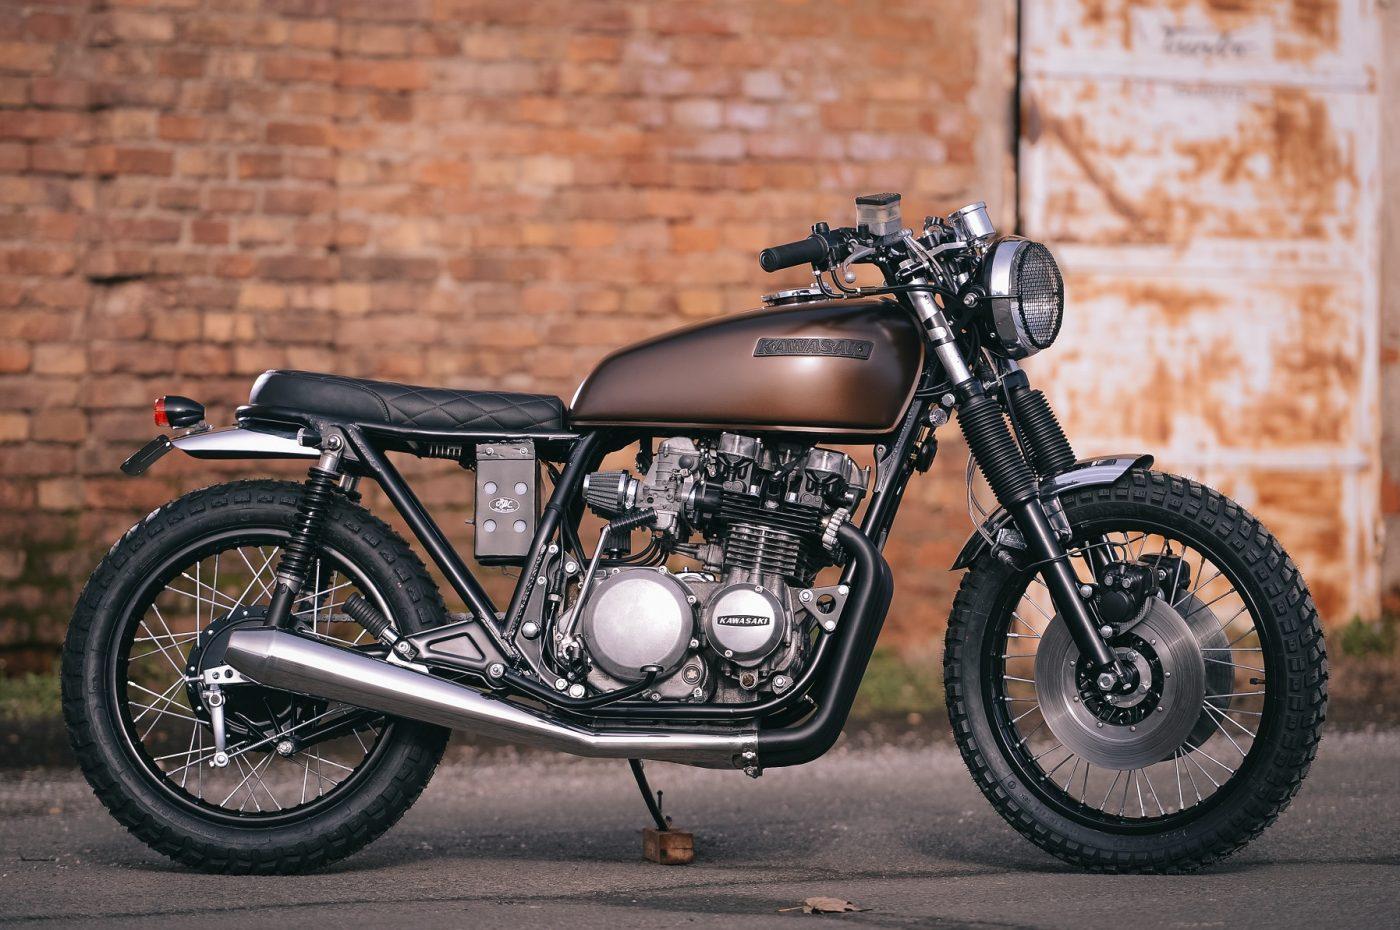 ϟ Hell Kustom ϟ: Kawasaki Z650 1977 By Retro Bikes Croatia